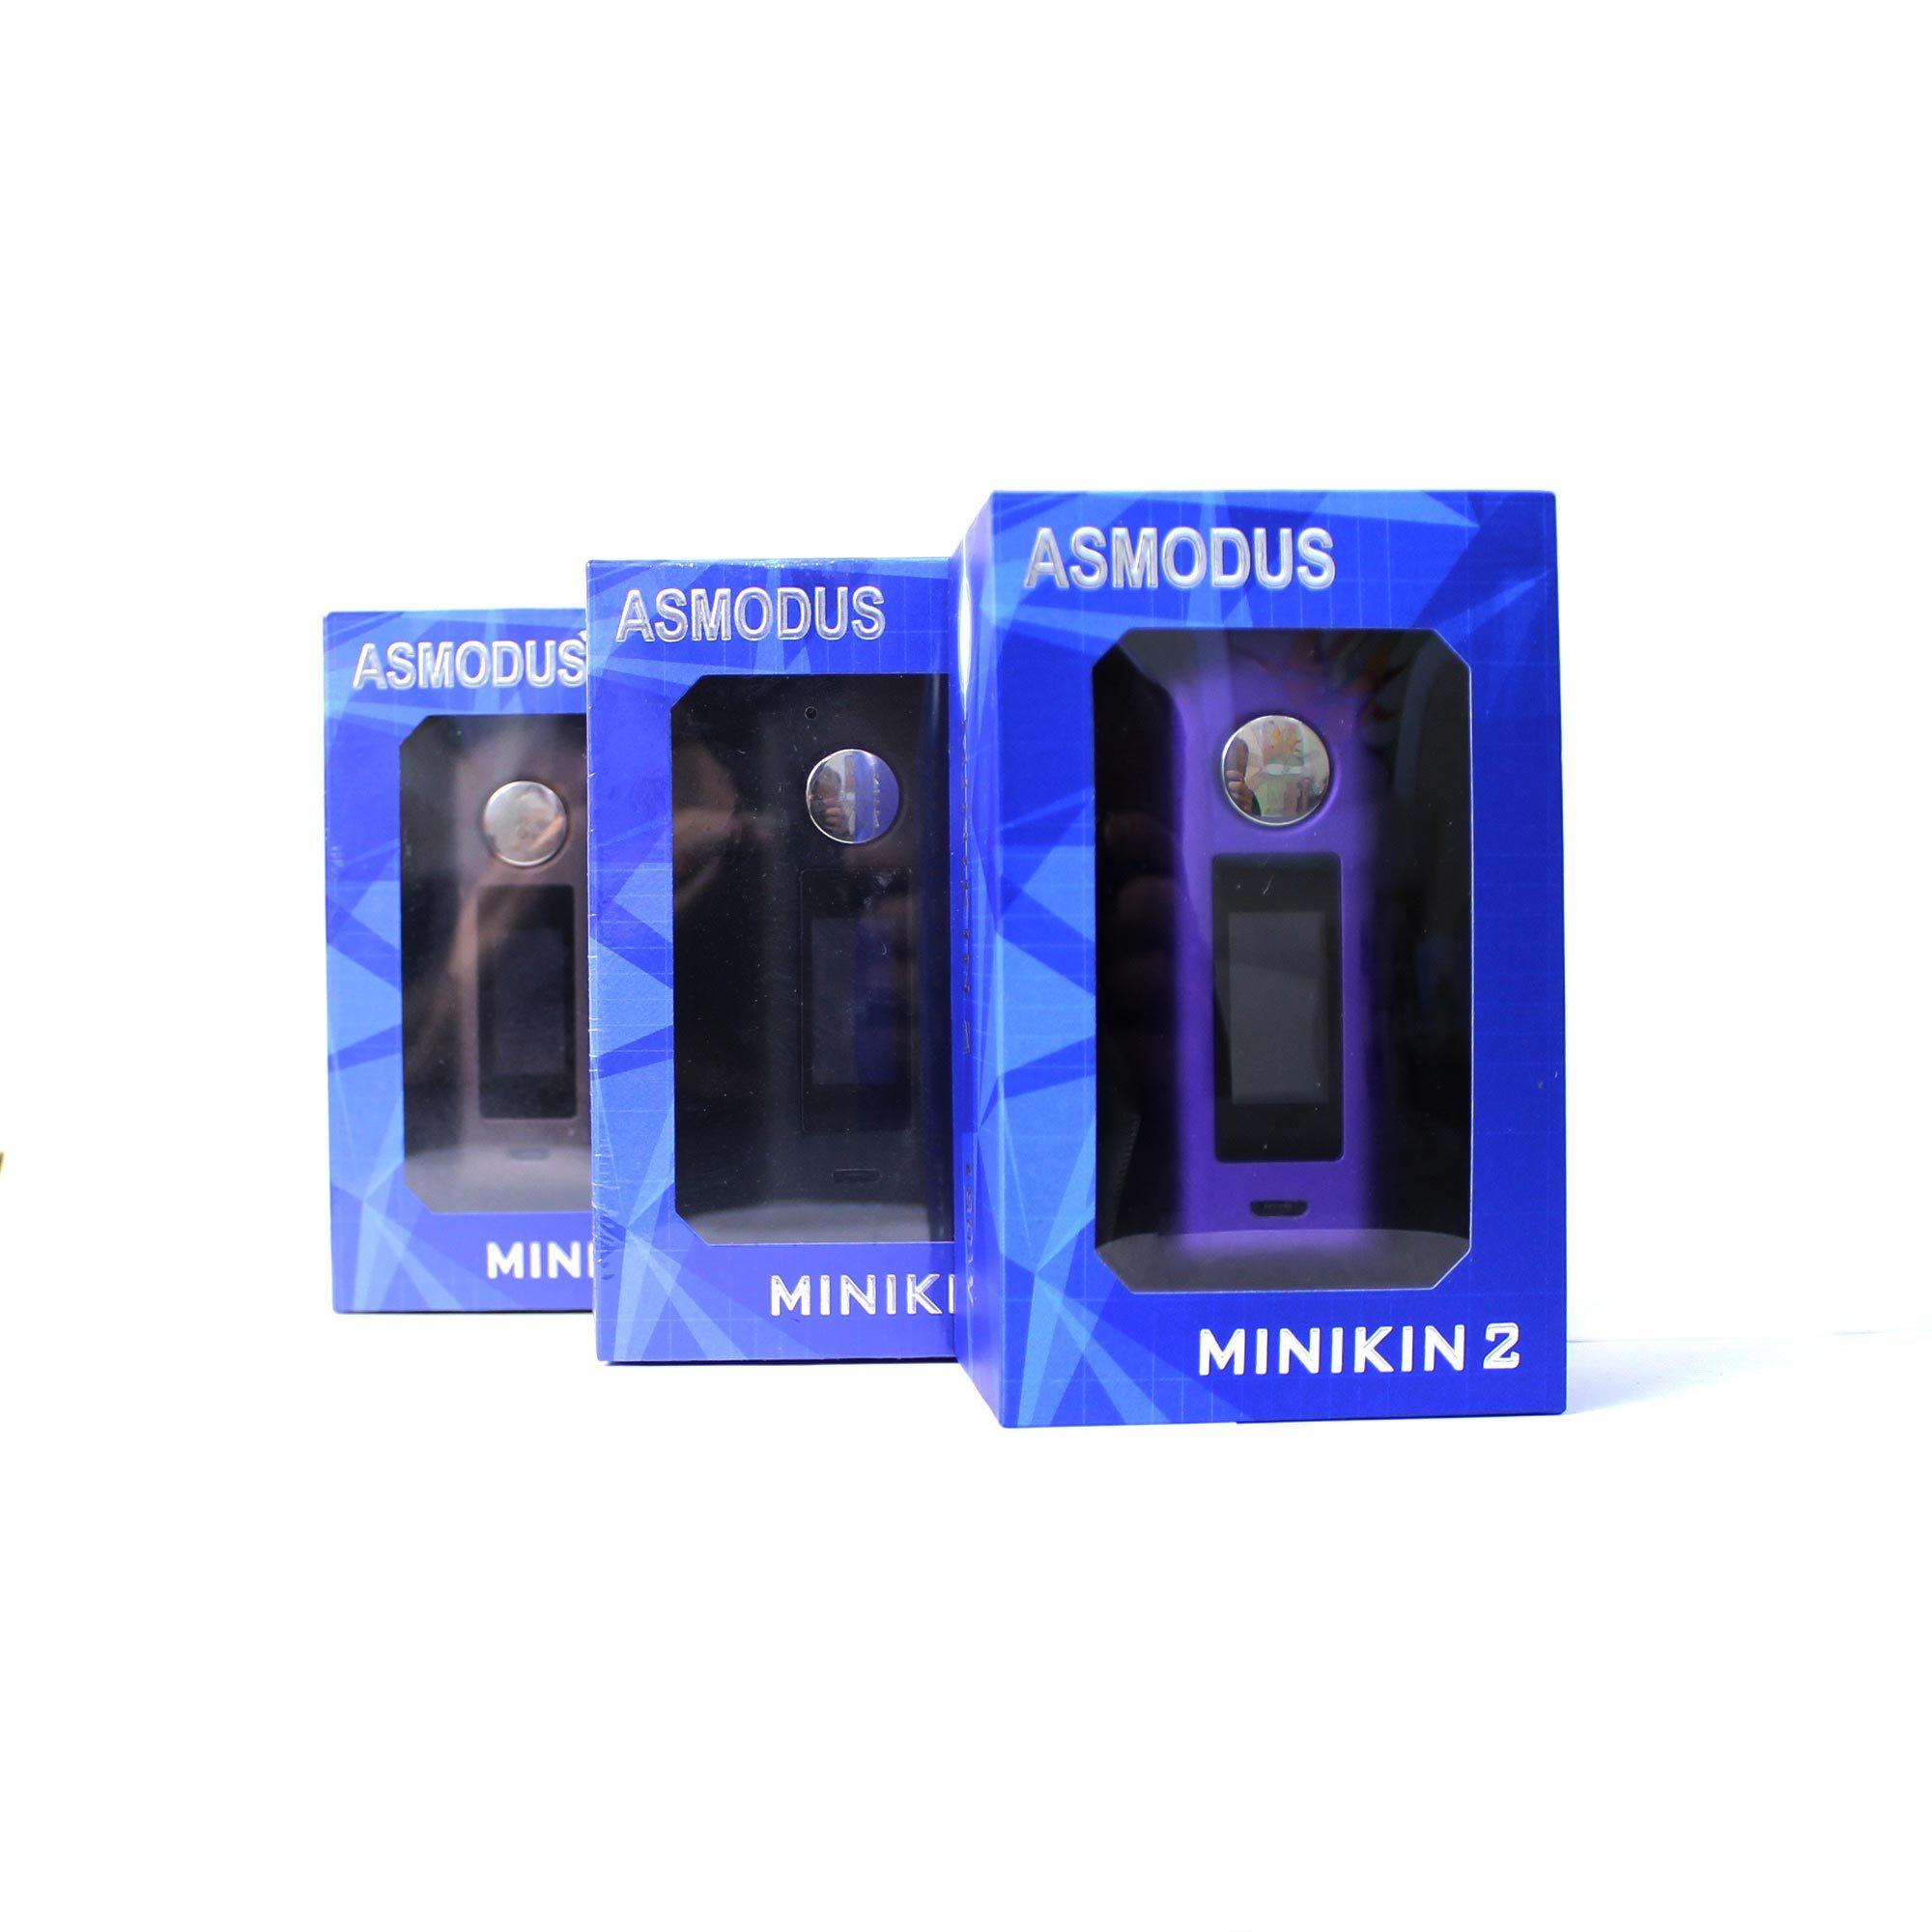 БОКСМОД Asmodus Minikin 2 коробка